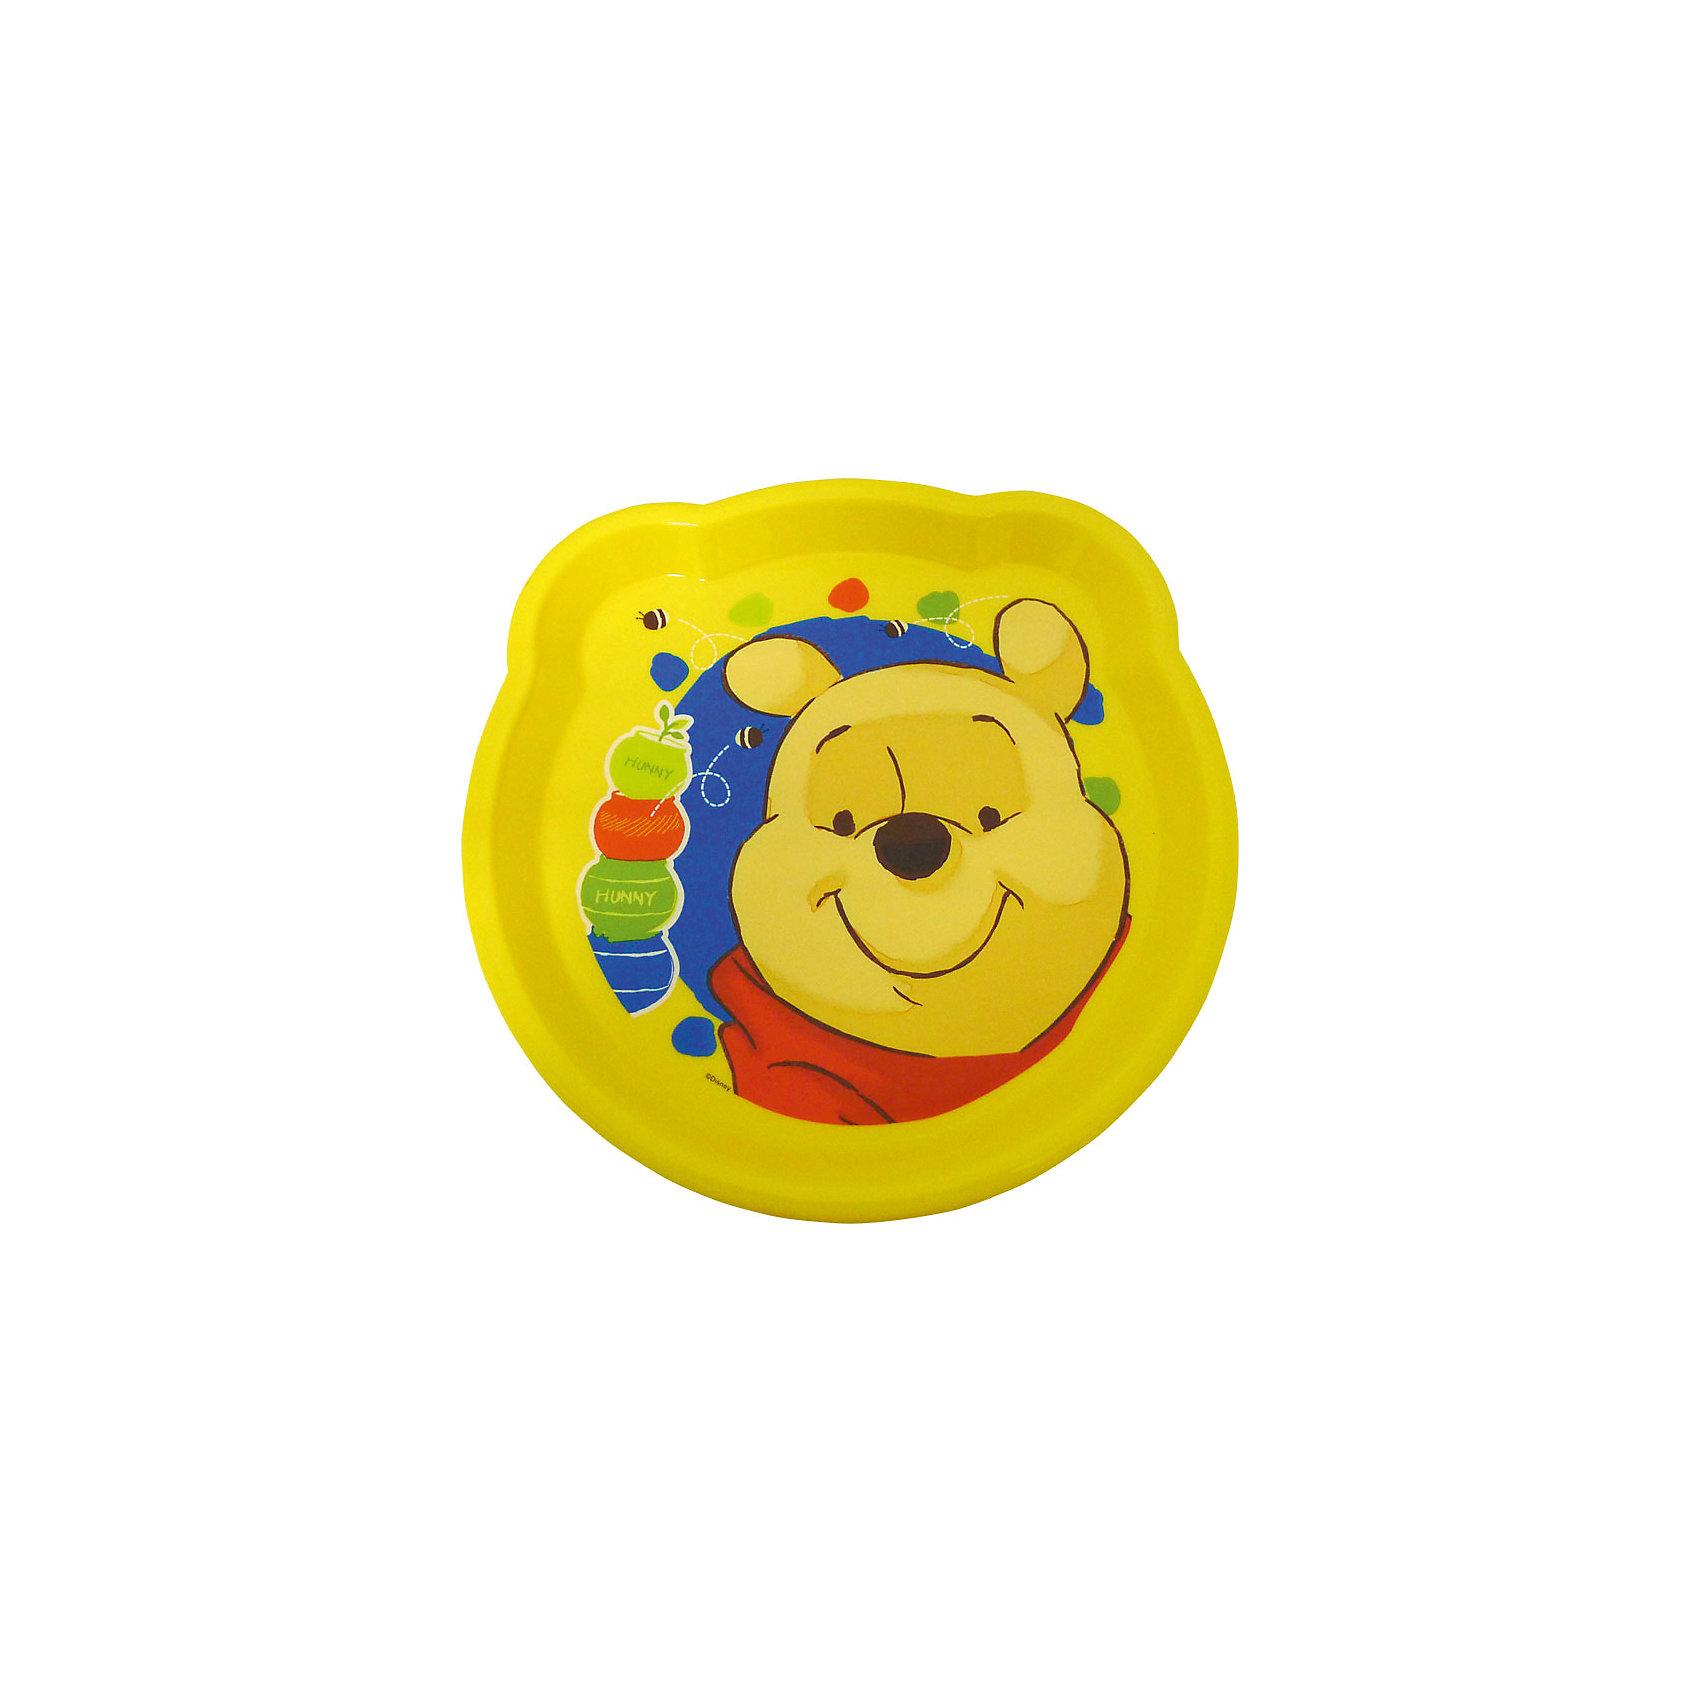 Тарелка (диаметр 21,6 см), Винни ПухФигурная тарелка Винни Пух с забавными рисунками станет любимой посудой Вашего ребенка. Тарелка имеет оригинальную форму в виде головы медвежонка Винни-Пуха с ушками, дно украшено его красочным изображением. Несмываемый рисунок находится под прозрачной пластиковой пленкой, поэтому тарелка надолго сохранит свои яркие цвета.Изготовлена из безопасного пластика и выдерживает горячую пищу. Яркая привлекательная посуда с симпатичными персонажами поможет ребенку быстрее освоить навыки самостоятельного питания. <br><br>Дополнительная информация:<br><br>- Материал: пластик.<br>- Диаметр: 21,6 см.<br>- Размер тарелки: 22 х 22 х 1,5 см.<br>- Вес: 78 гр.<br><br>Фигурную тарелку, Винни Пух, можно купить в нашем интернет-магазине.<br><br>Ширина мм: 22<br>Глубина мм: 22<br>Высота мм: 15<br>Вес г: 78<br>Возраст от месяцев: 36<br>Возраст до месяцев: 120<br>Пол: Унисекс<br>Возраст: Детский<br>SKU: 4018060